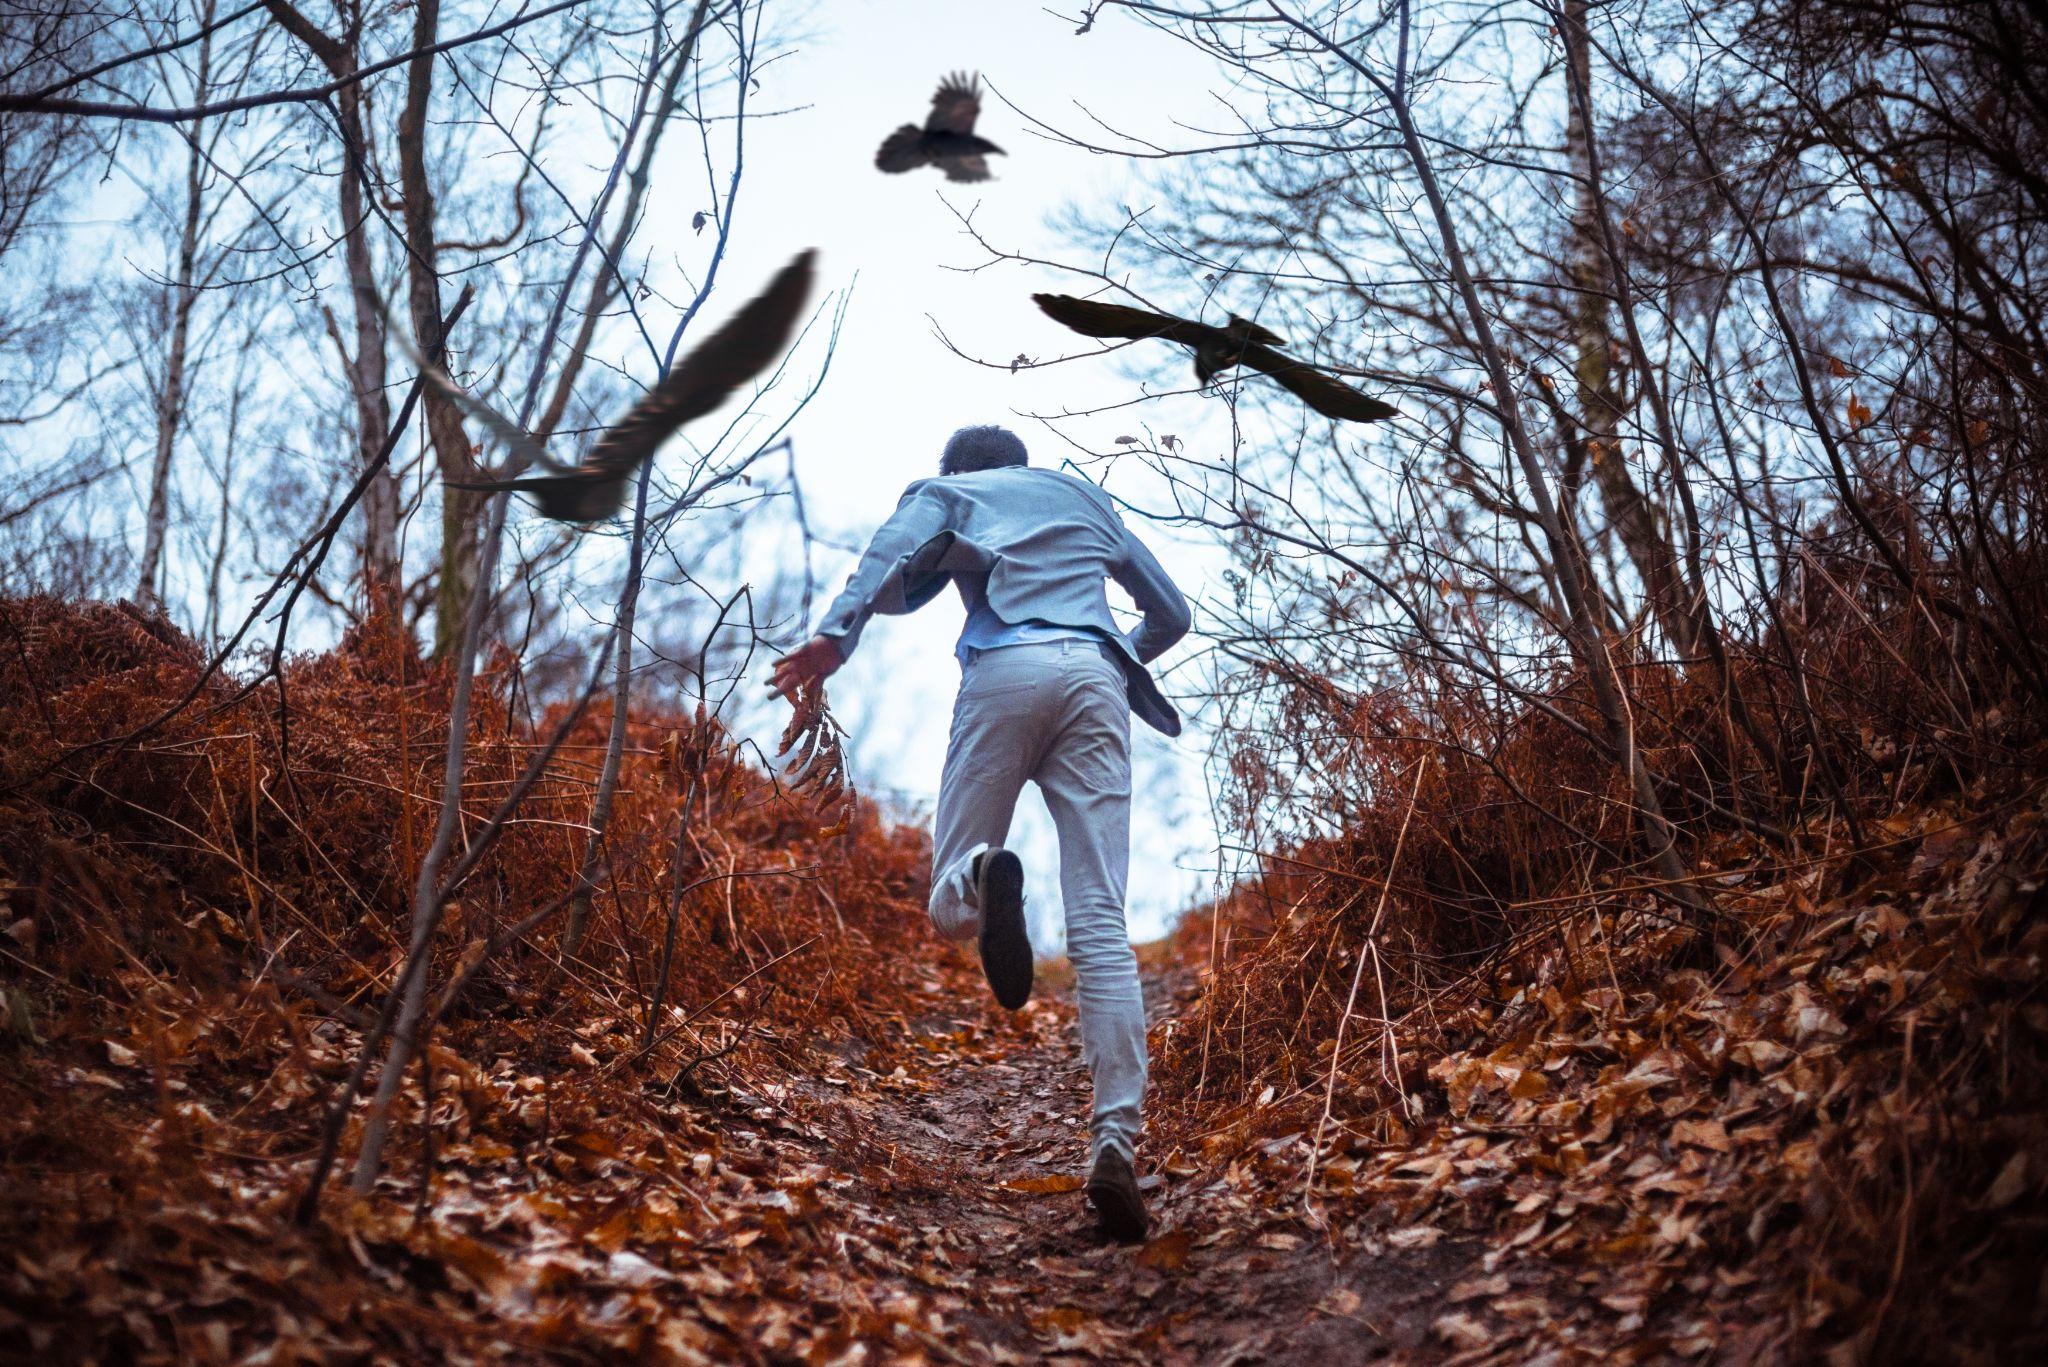 Escape by Clement Guegan